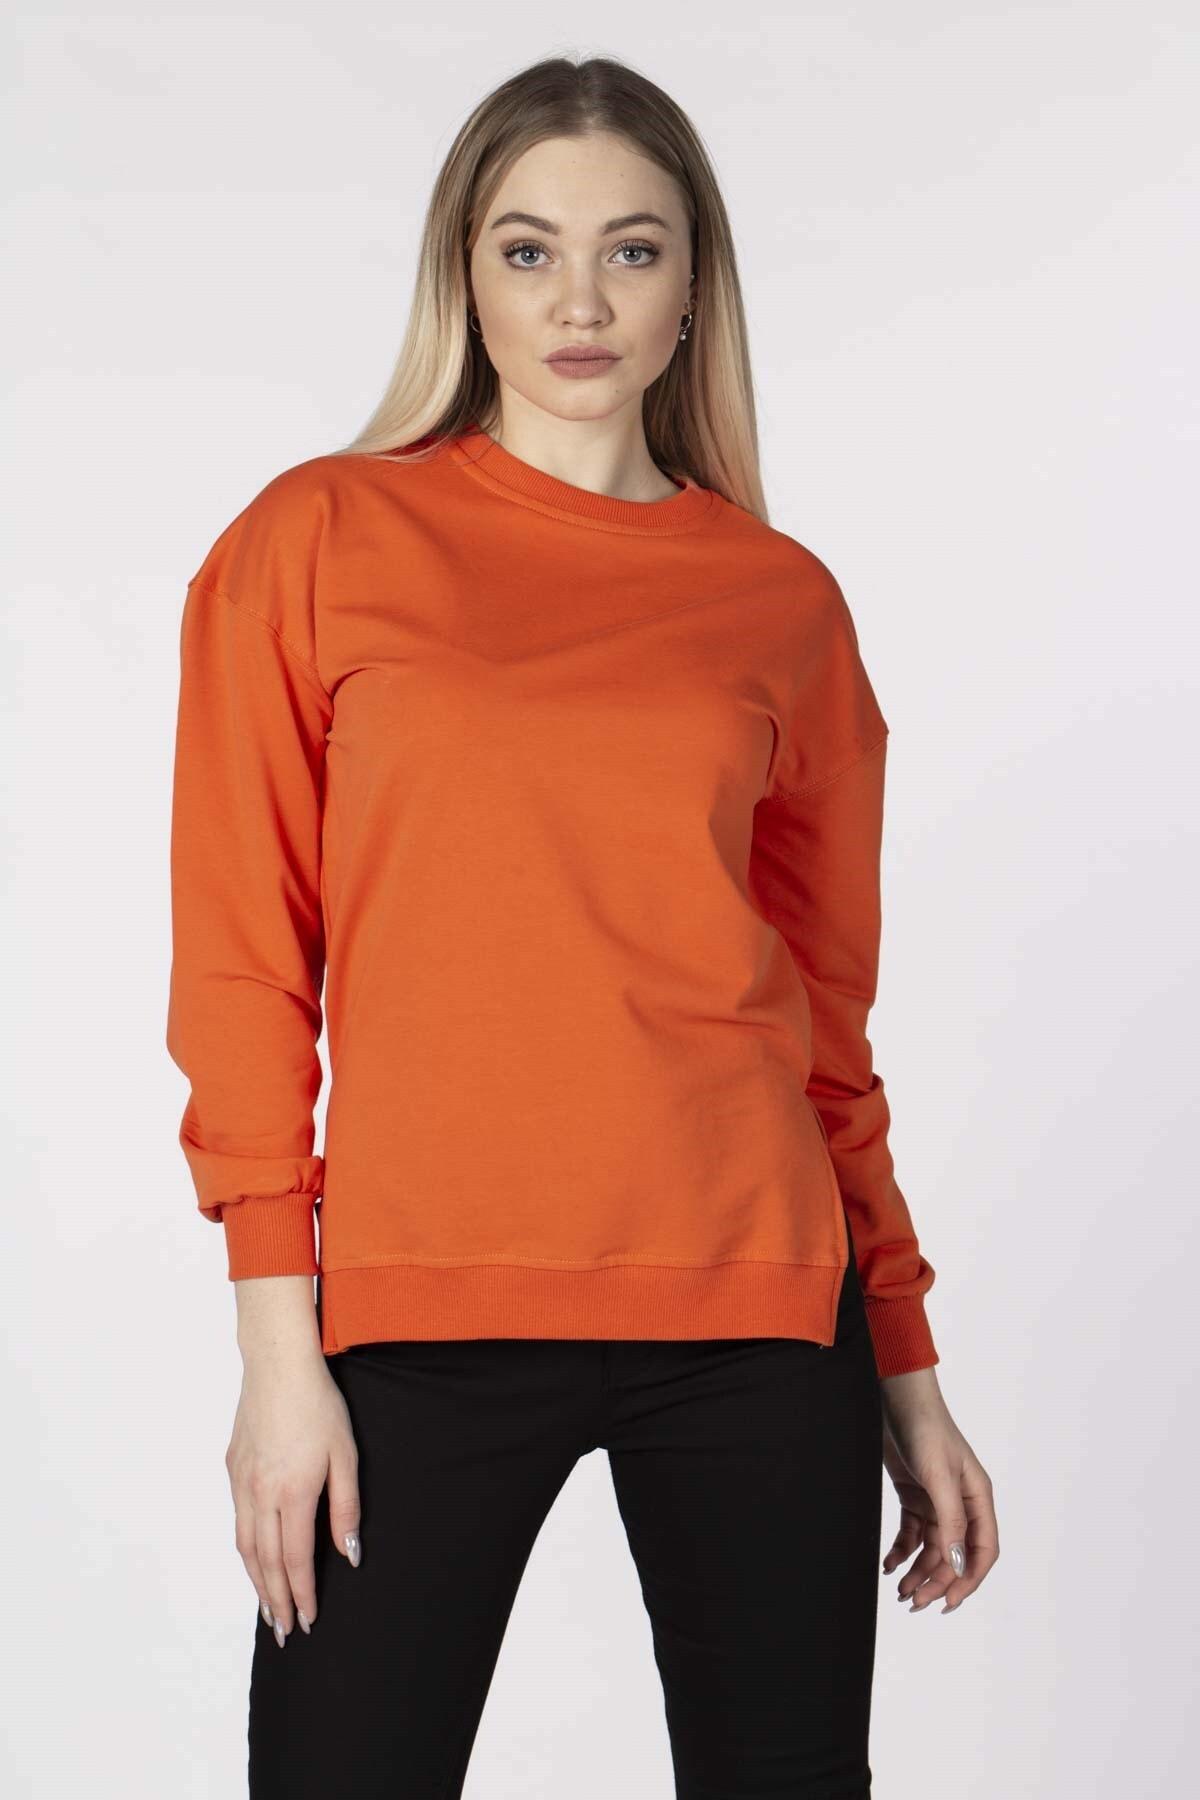 BARRELS AND OIL Kadın Oranj Basic Sweatshirt 843-19K014.80